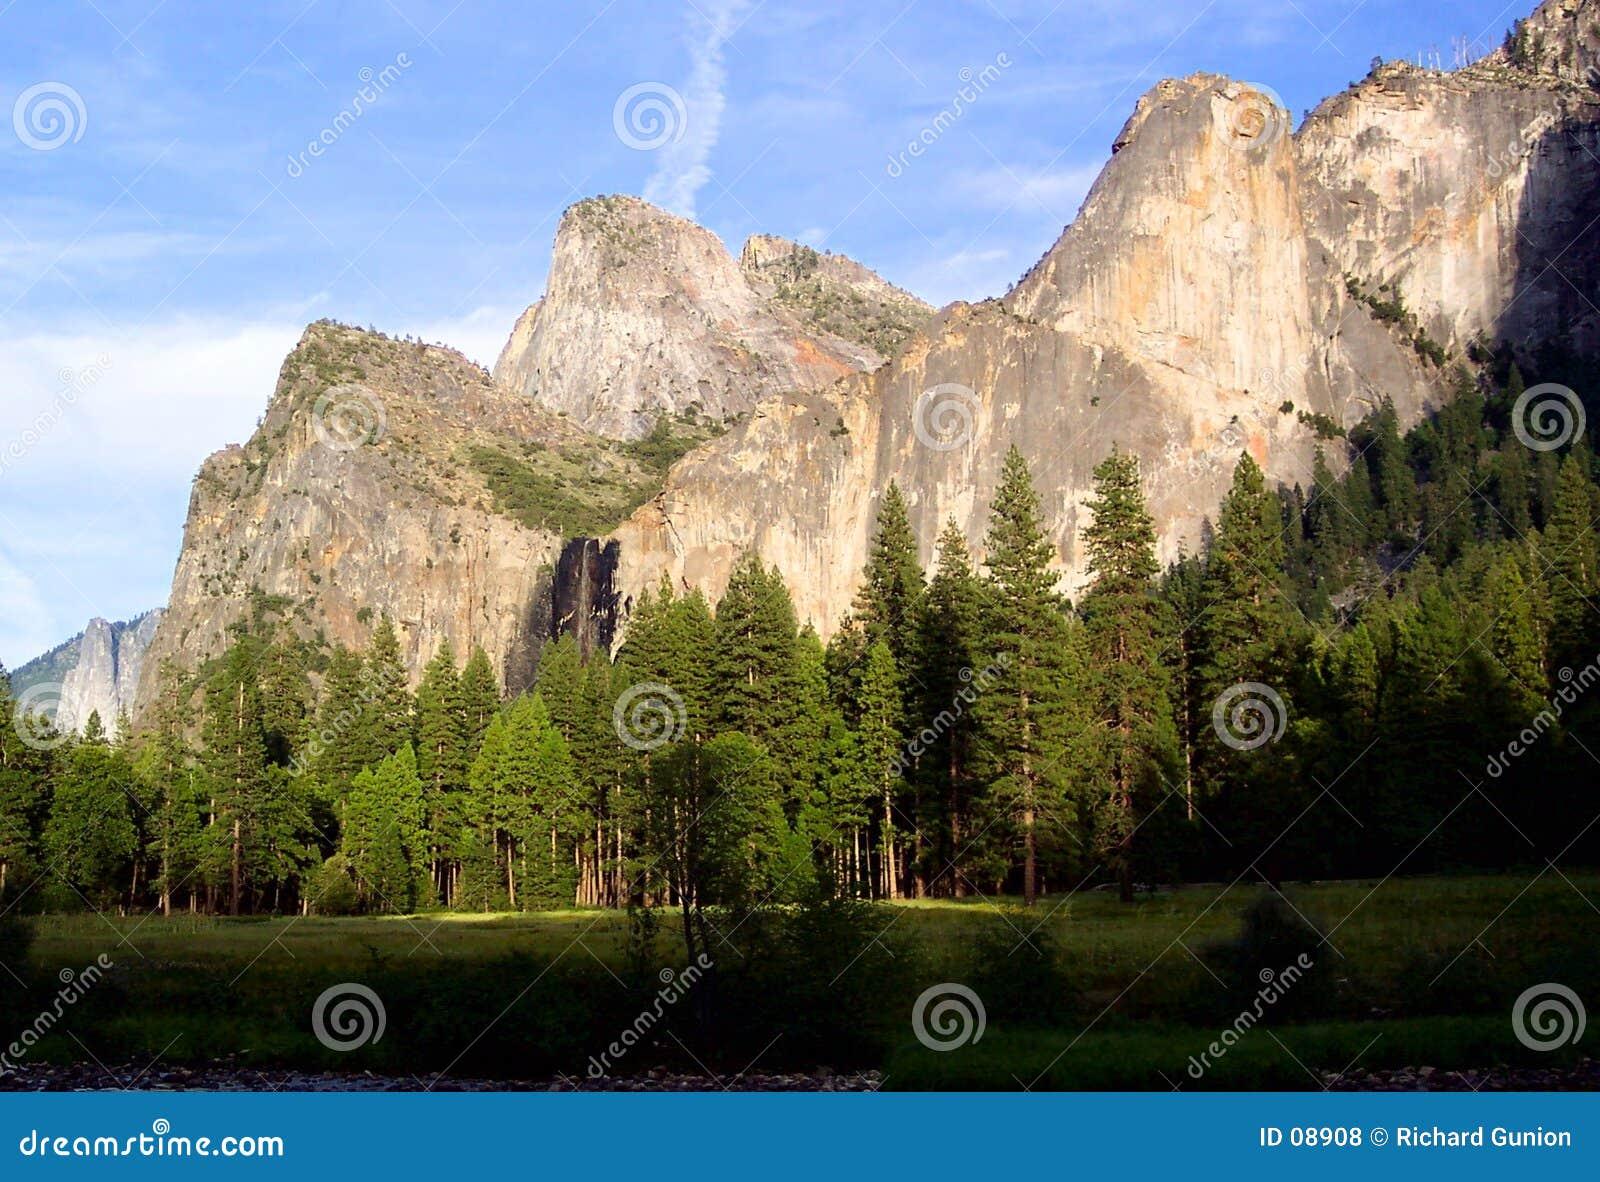 Cathédrale Roche-Yosemite